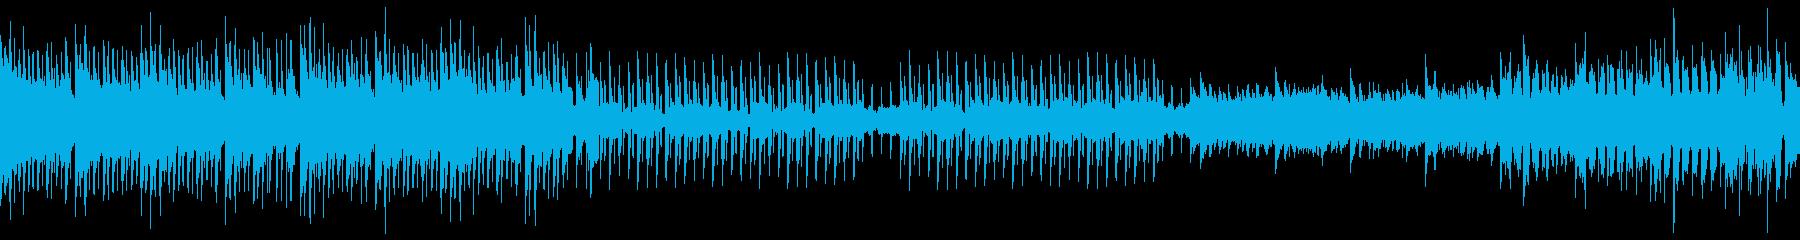 爽やか琴と三味線の和風EDM、優しい尺八の再生済みの波形